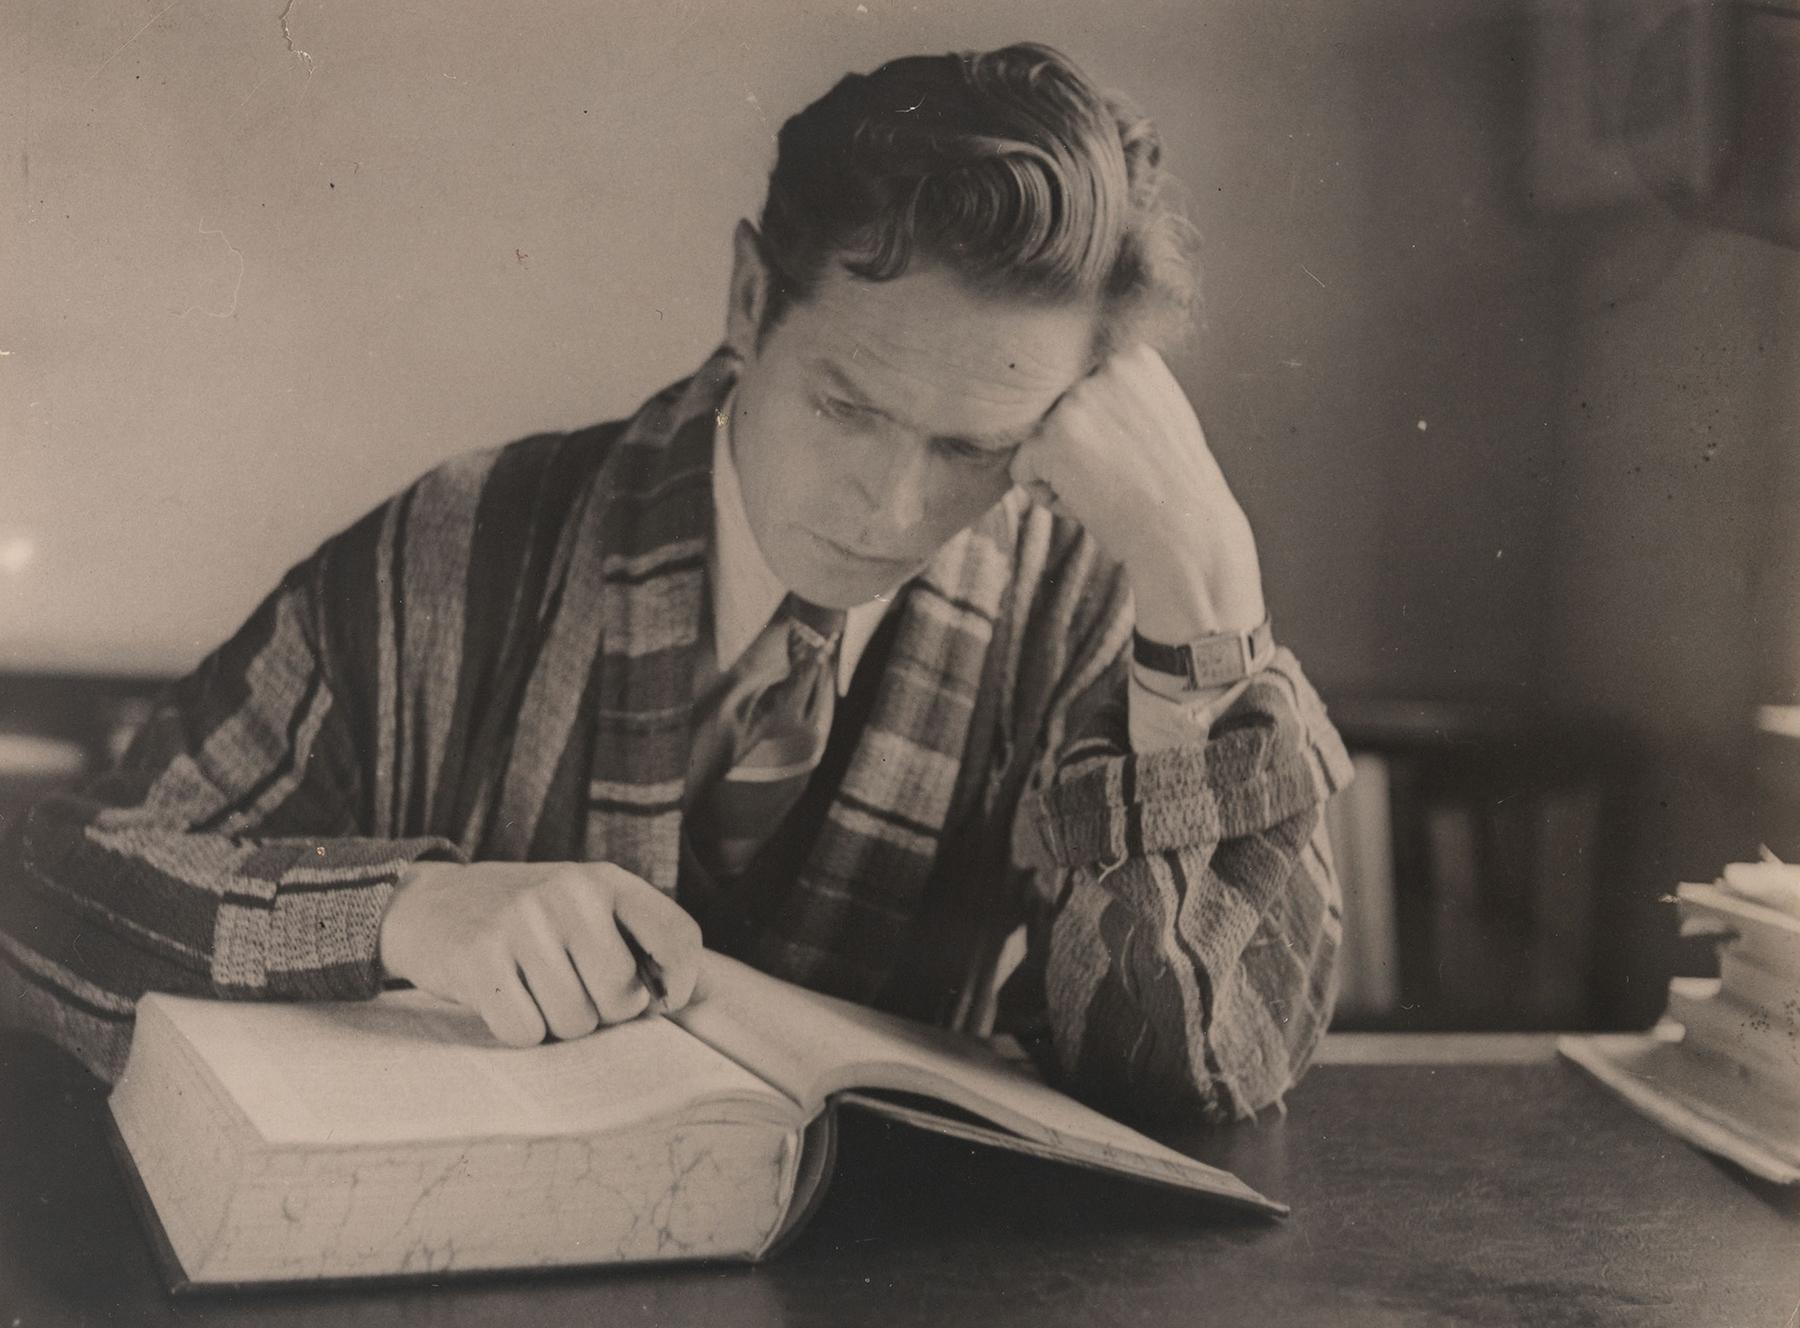 Juhani Konkka lukee kirjaa pöydän ääressä. SKS KIA, Juhani Konkan arkisto. CC BY 4.0